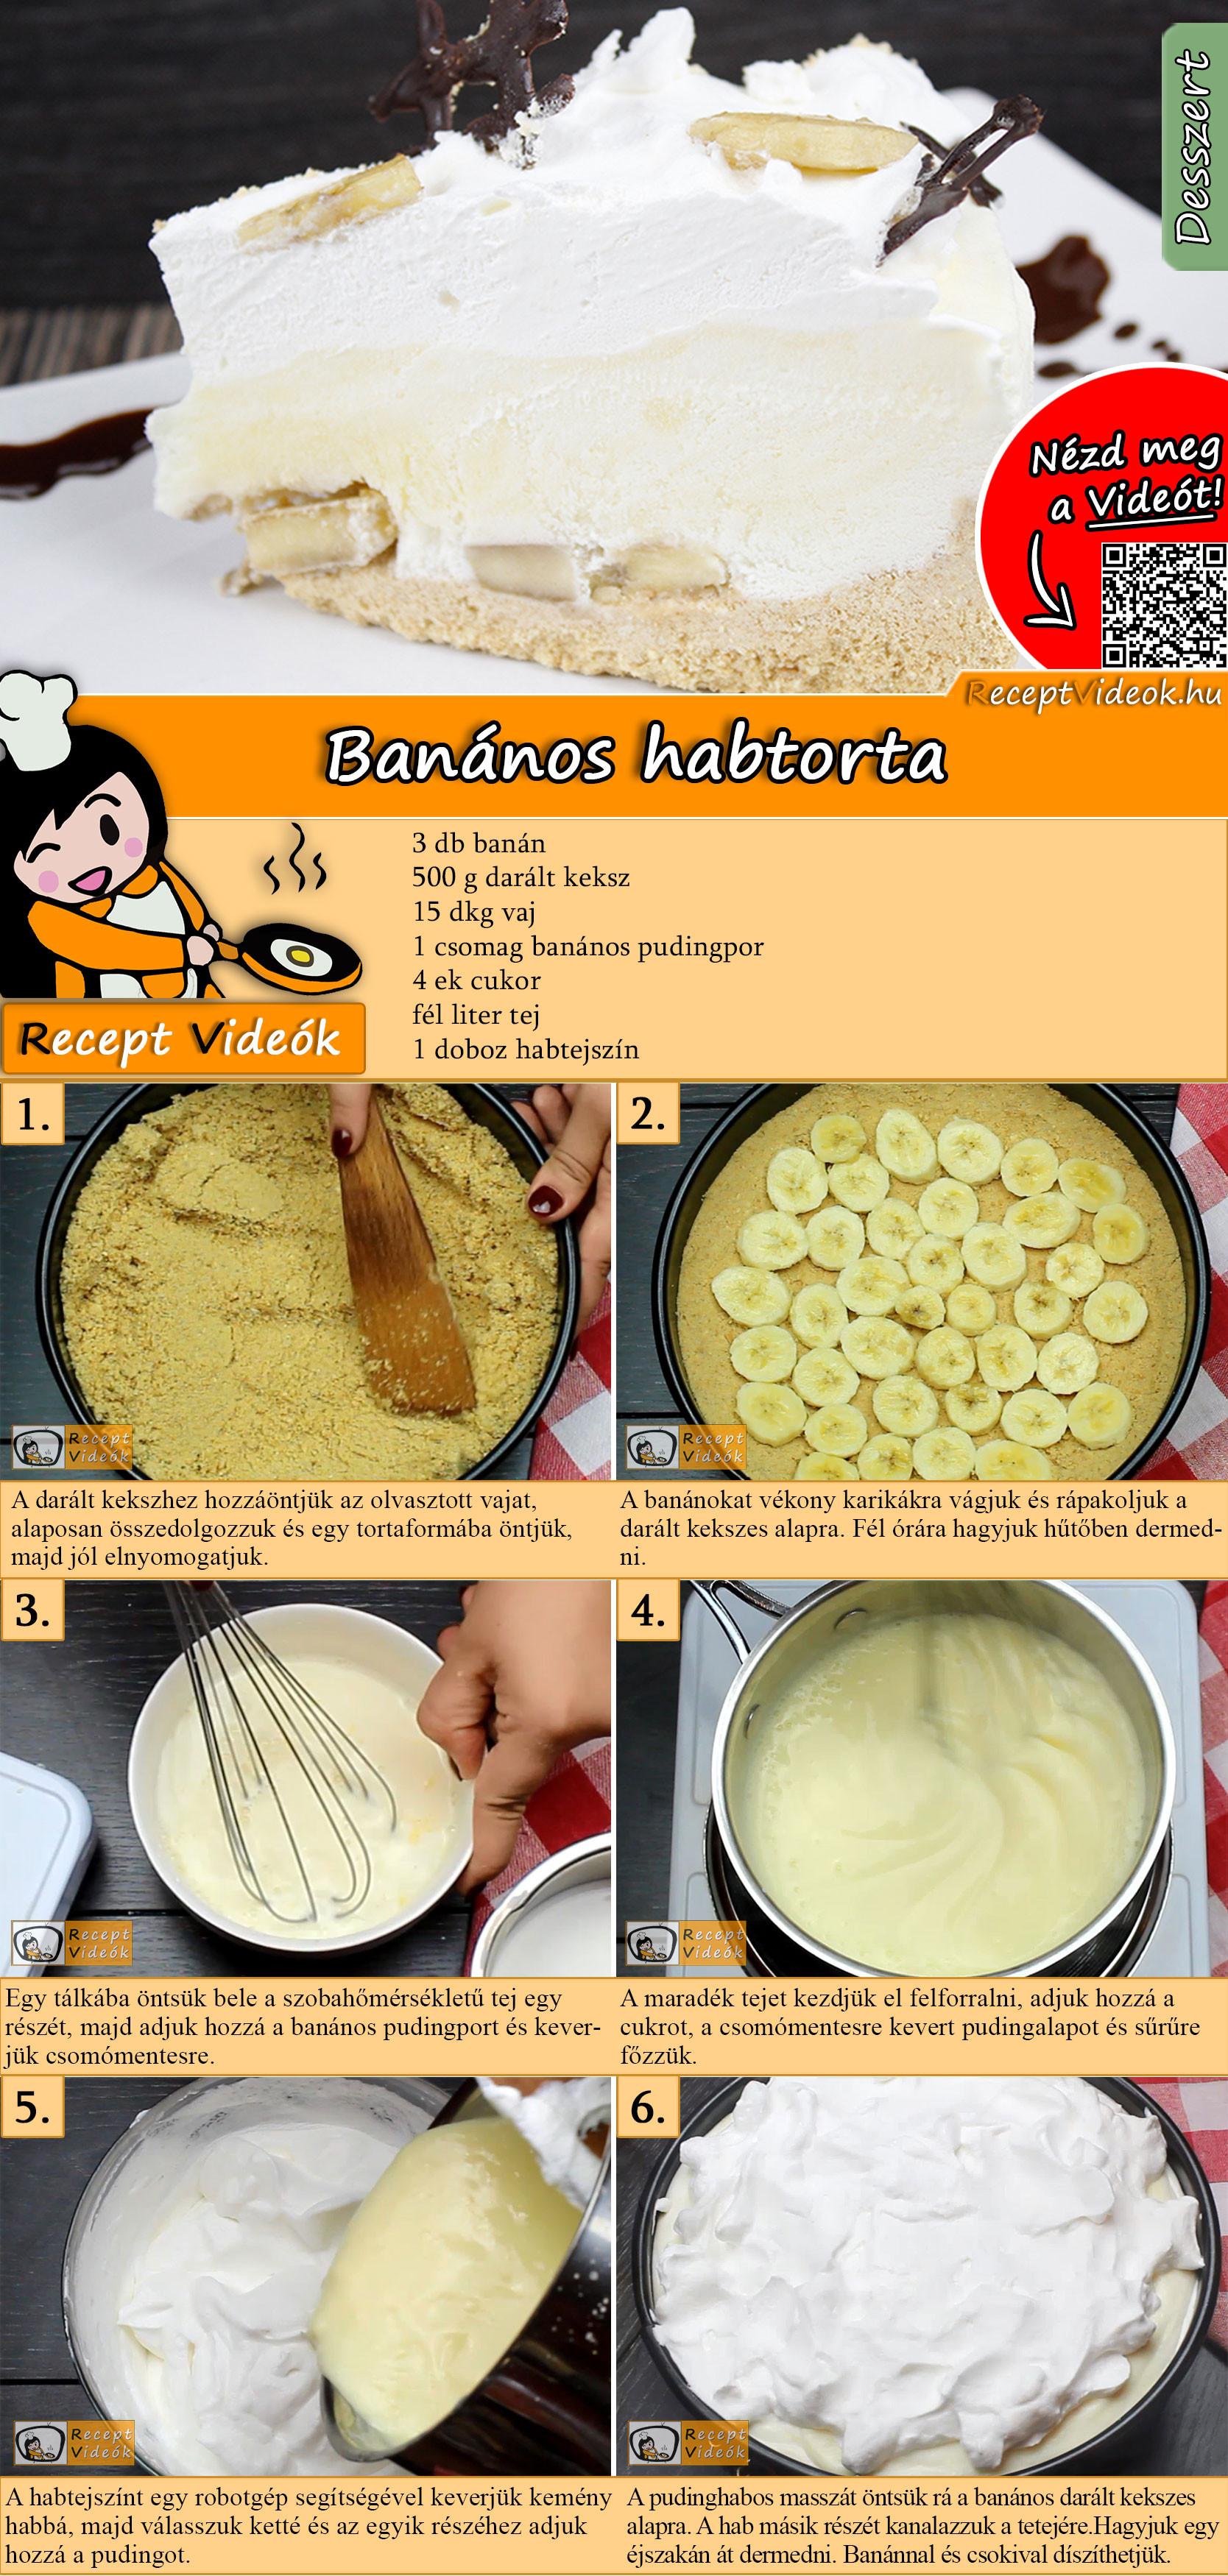 Banános habtorta recept elkészítése videóval